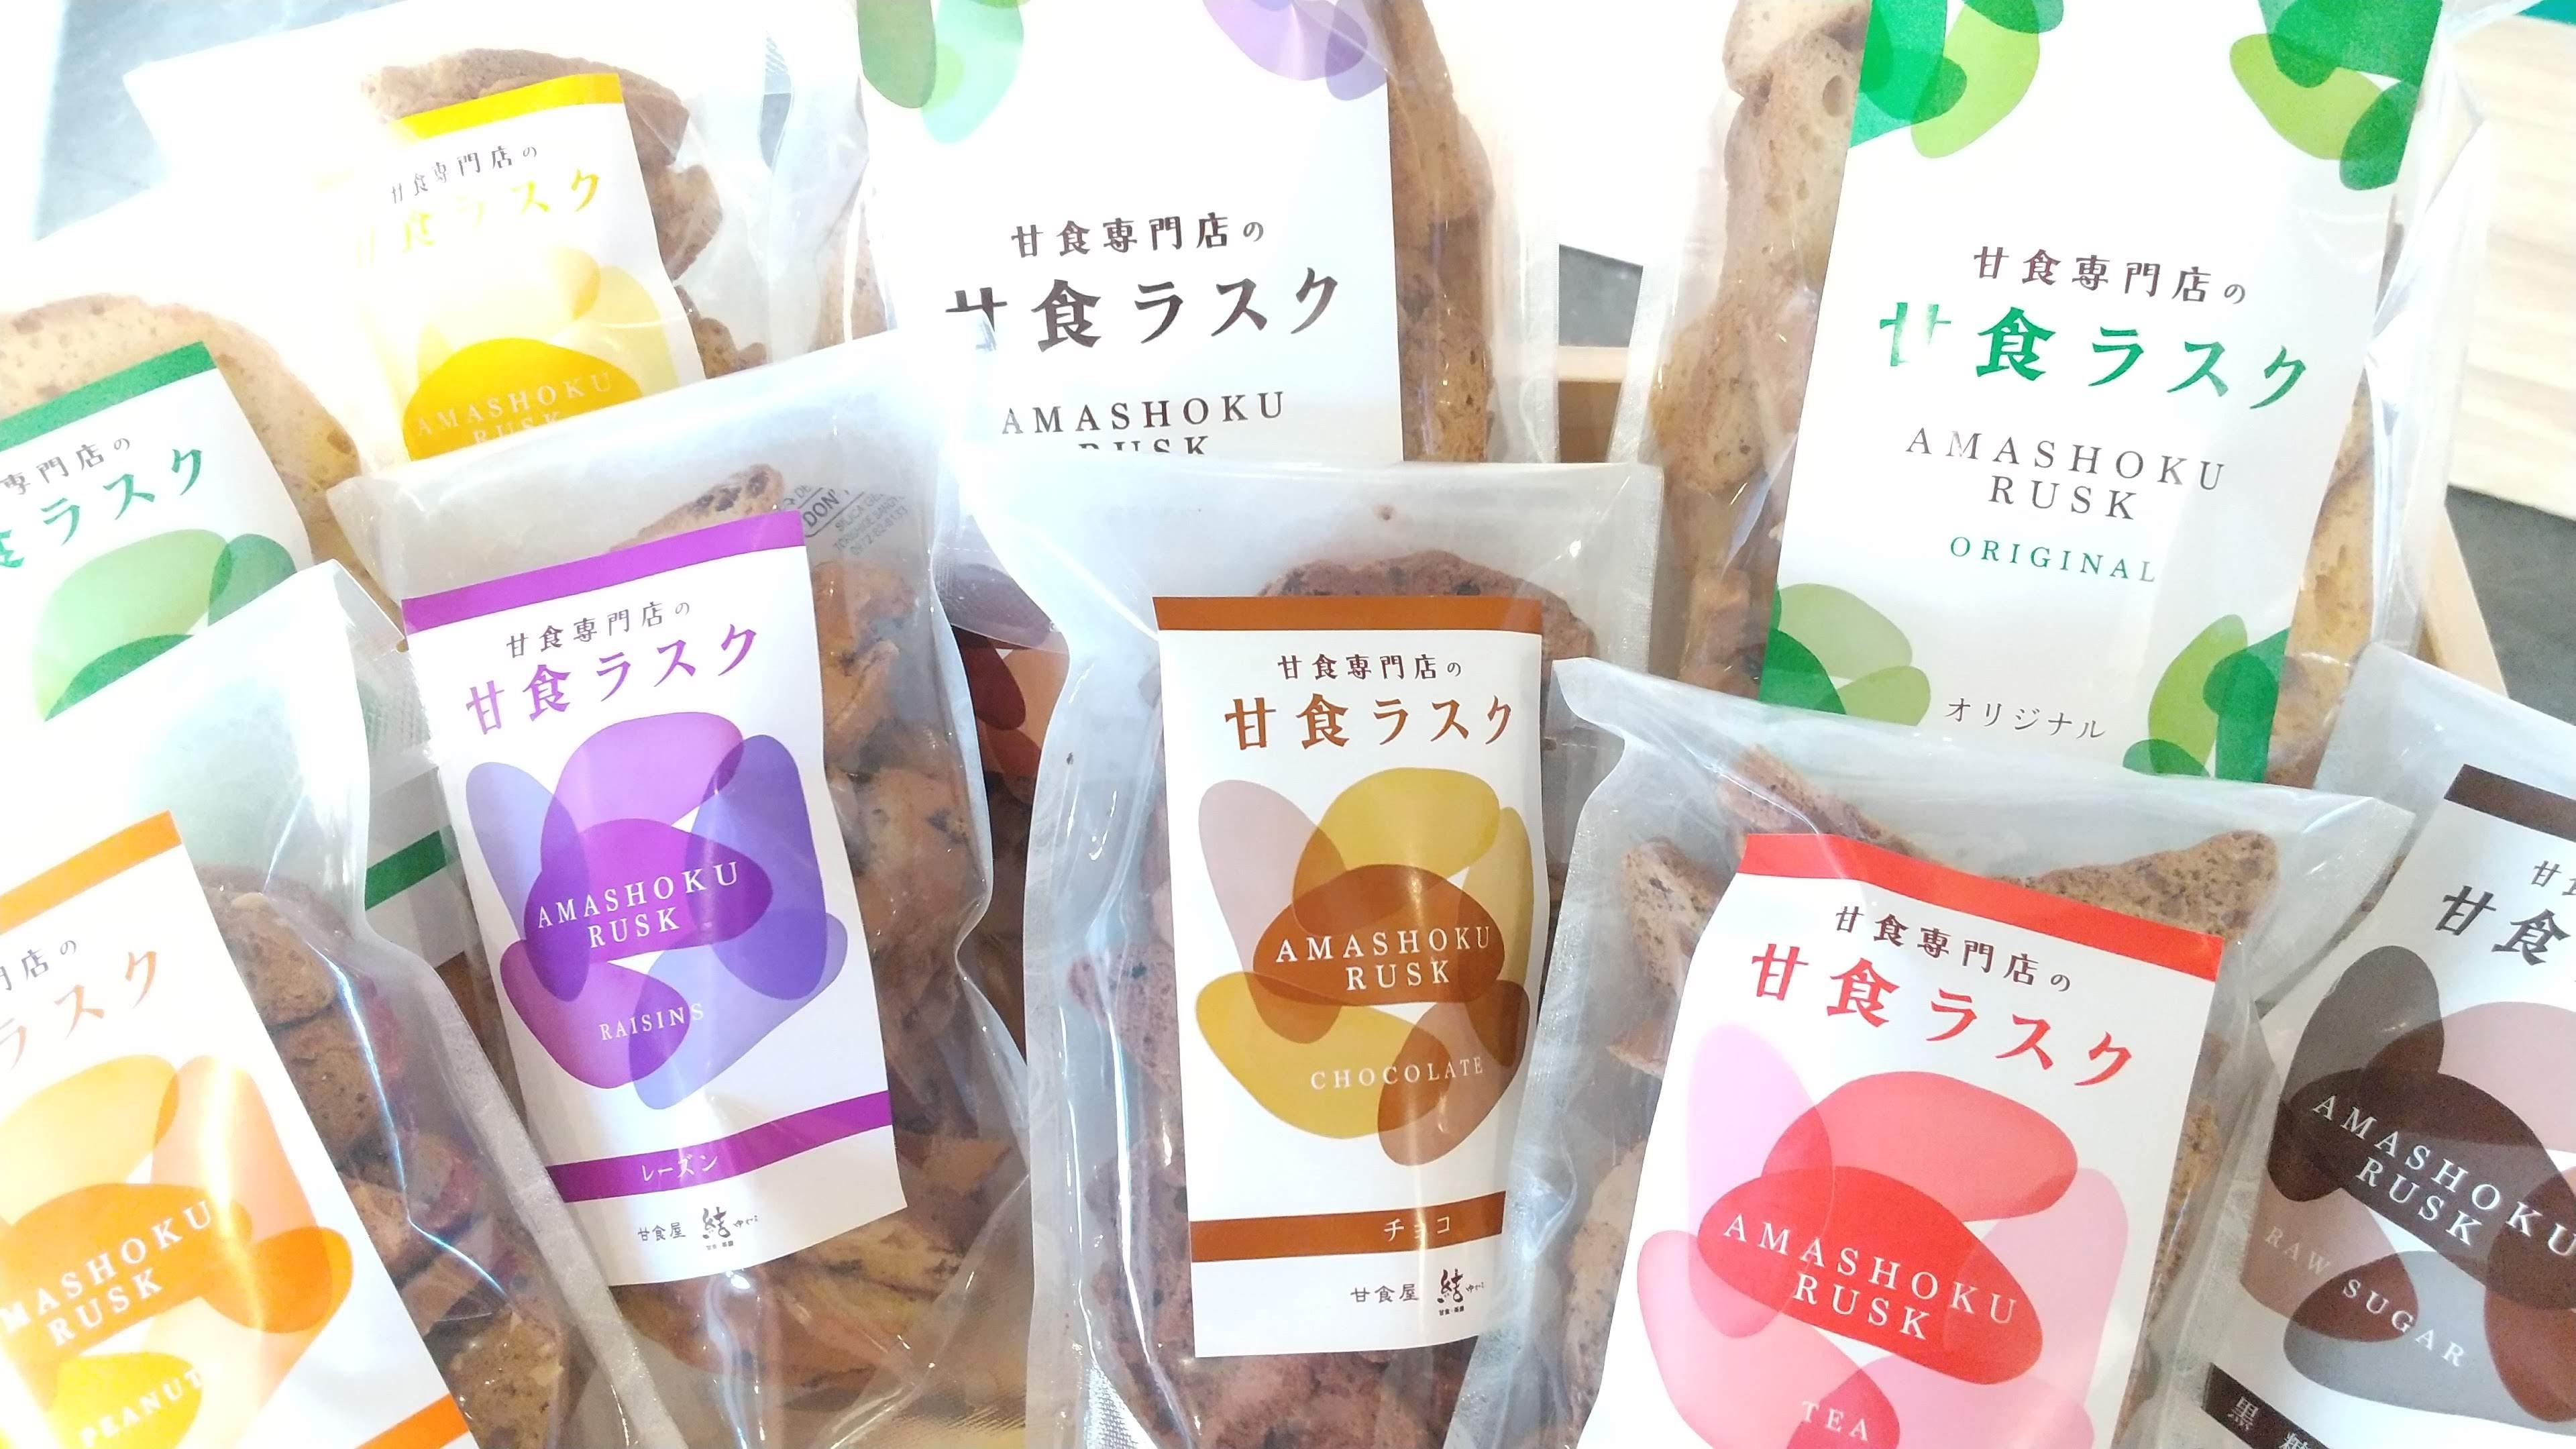 甘食ラスク7種セット